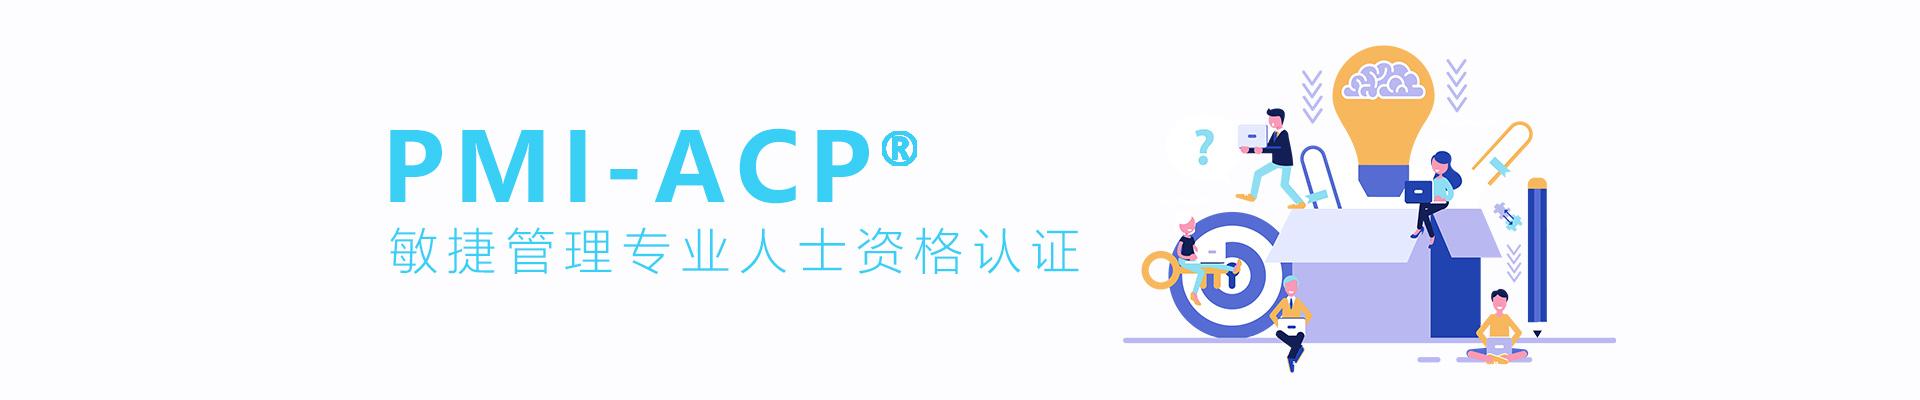 PMI-ACP认证